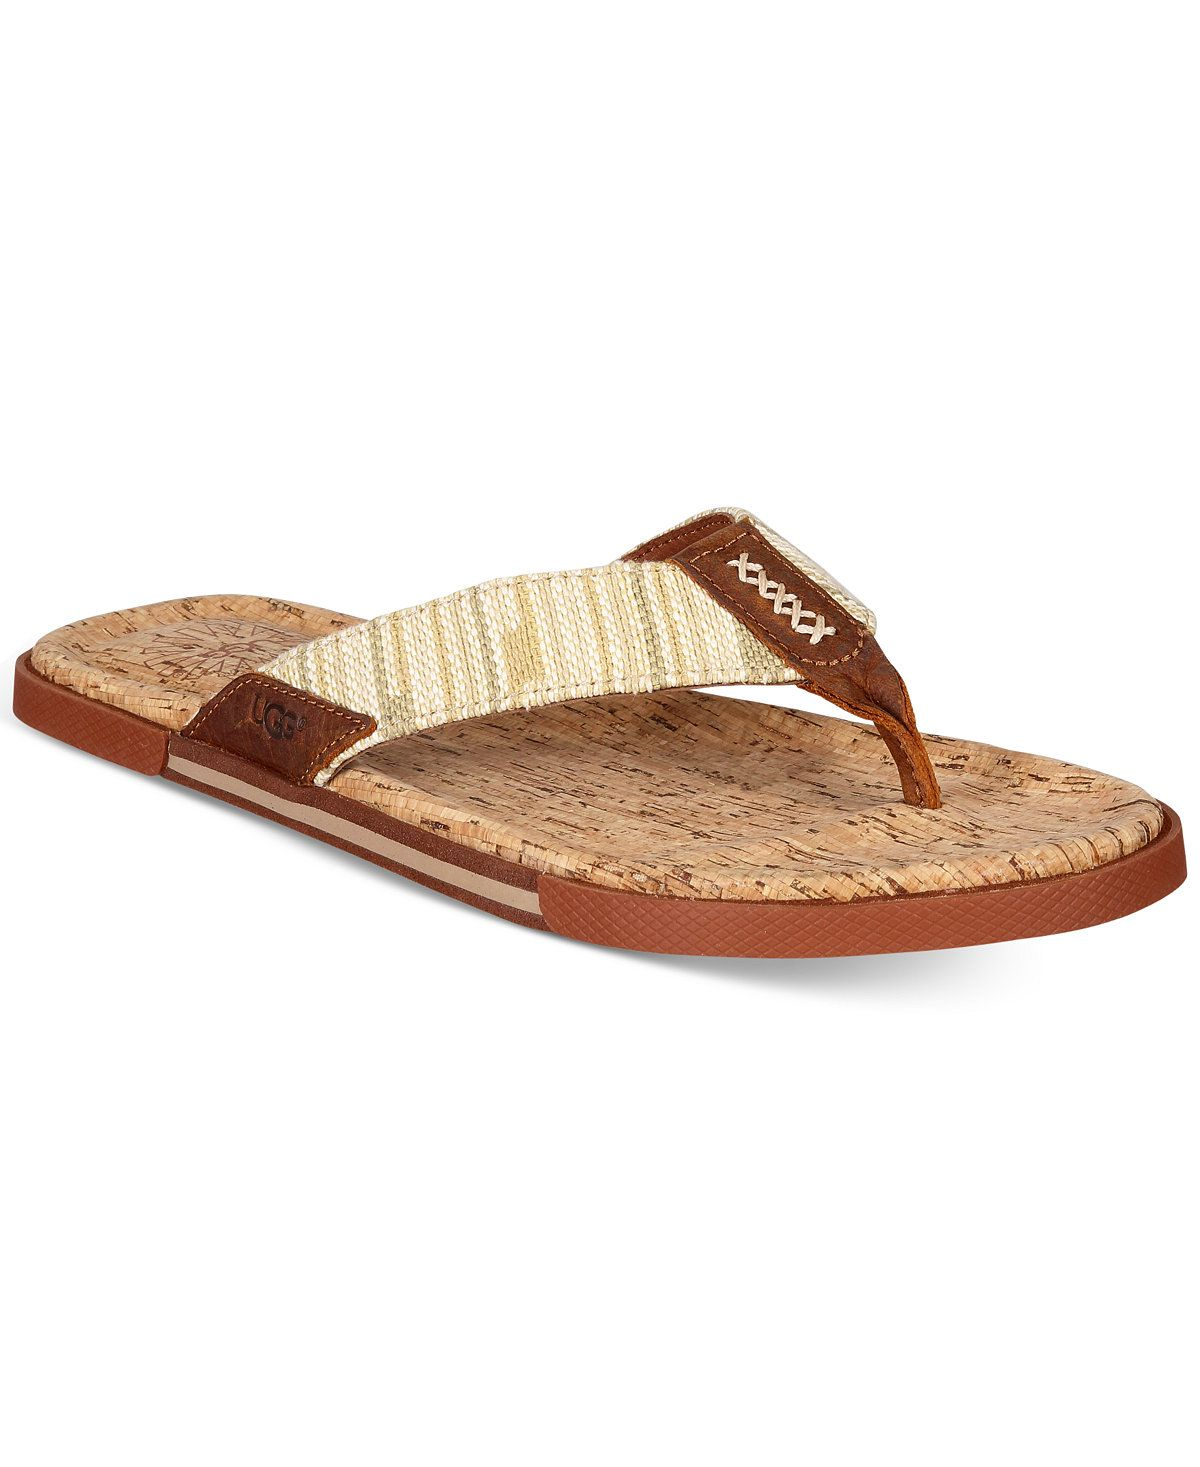 c1beac869a6863 UGG® Men s Braven Diego Flip-Flops - All Men s Shoes - Men - Macy s ...